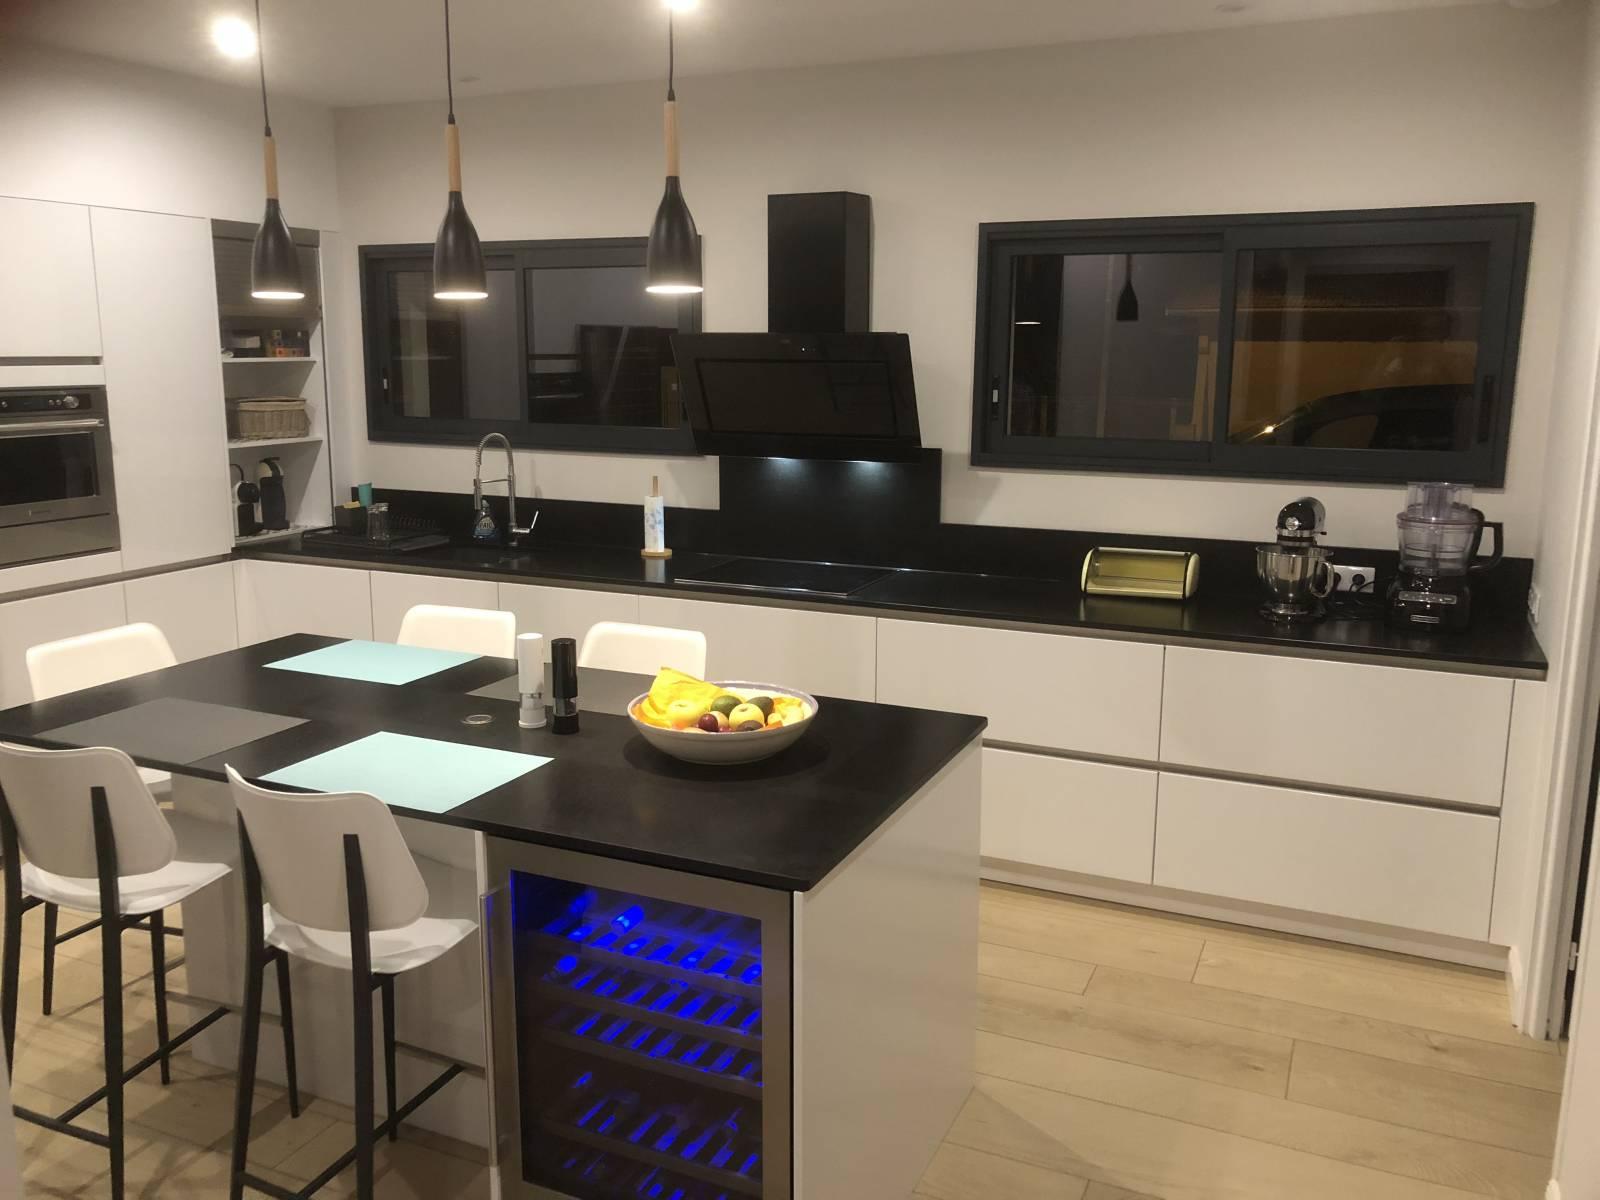 cuisine haut de gamme sans poign e install e biganos conception de cuisines allemandes. Black Bedroom Furniture Sets. Home Design Ideas